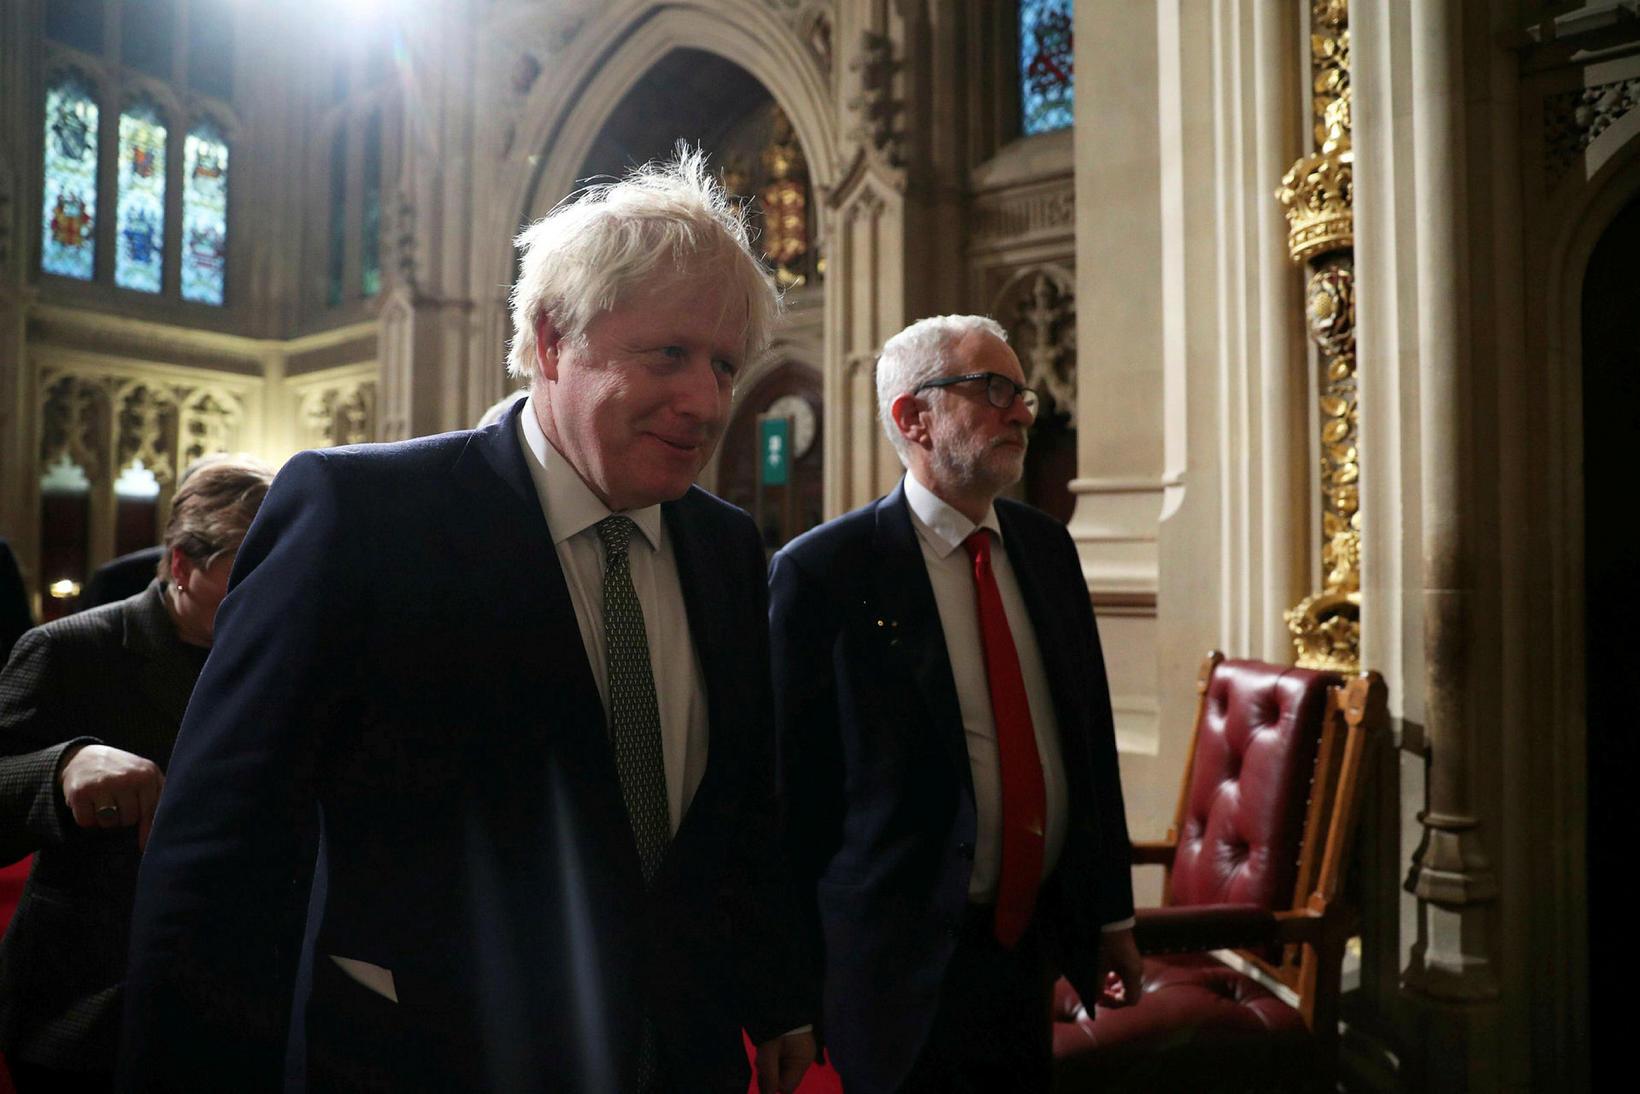 Boris Johnson, forsætisráðherra Bretlands og formaður Íhaldsflokksins, og Jeremy Corbyn, …